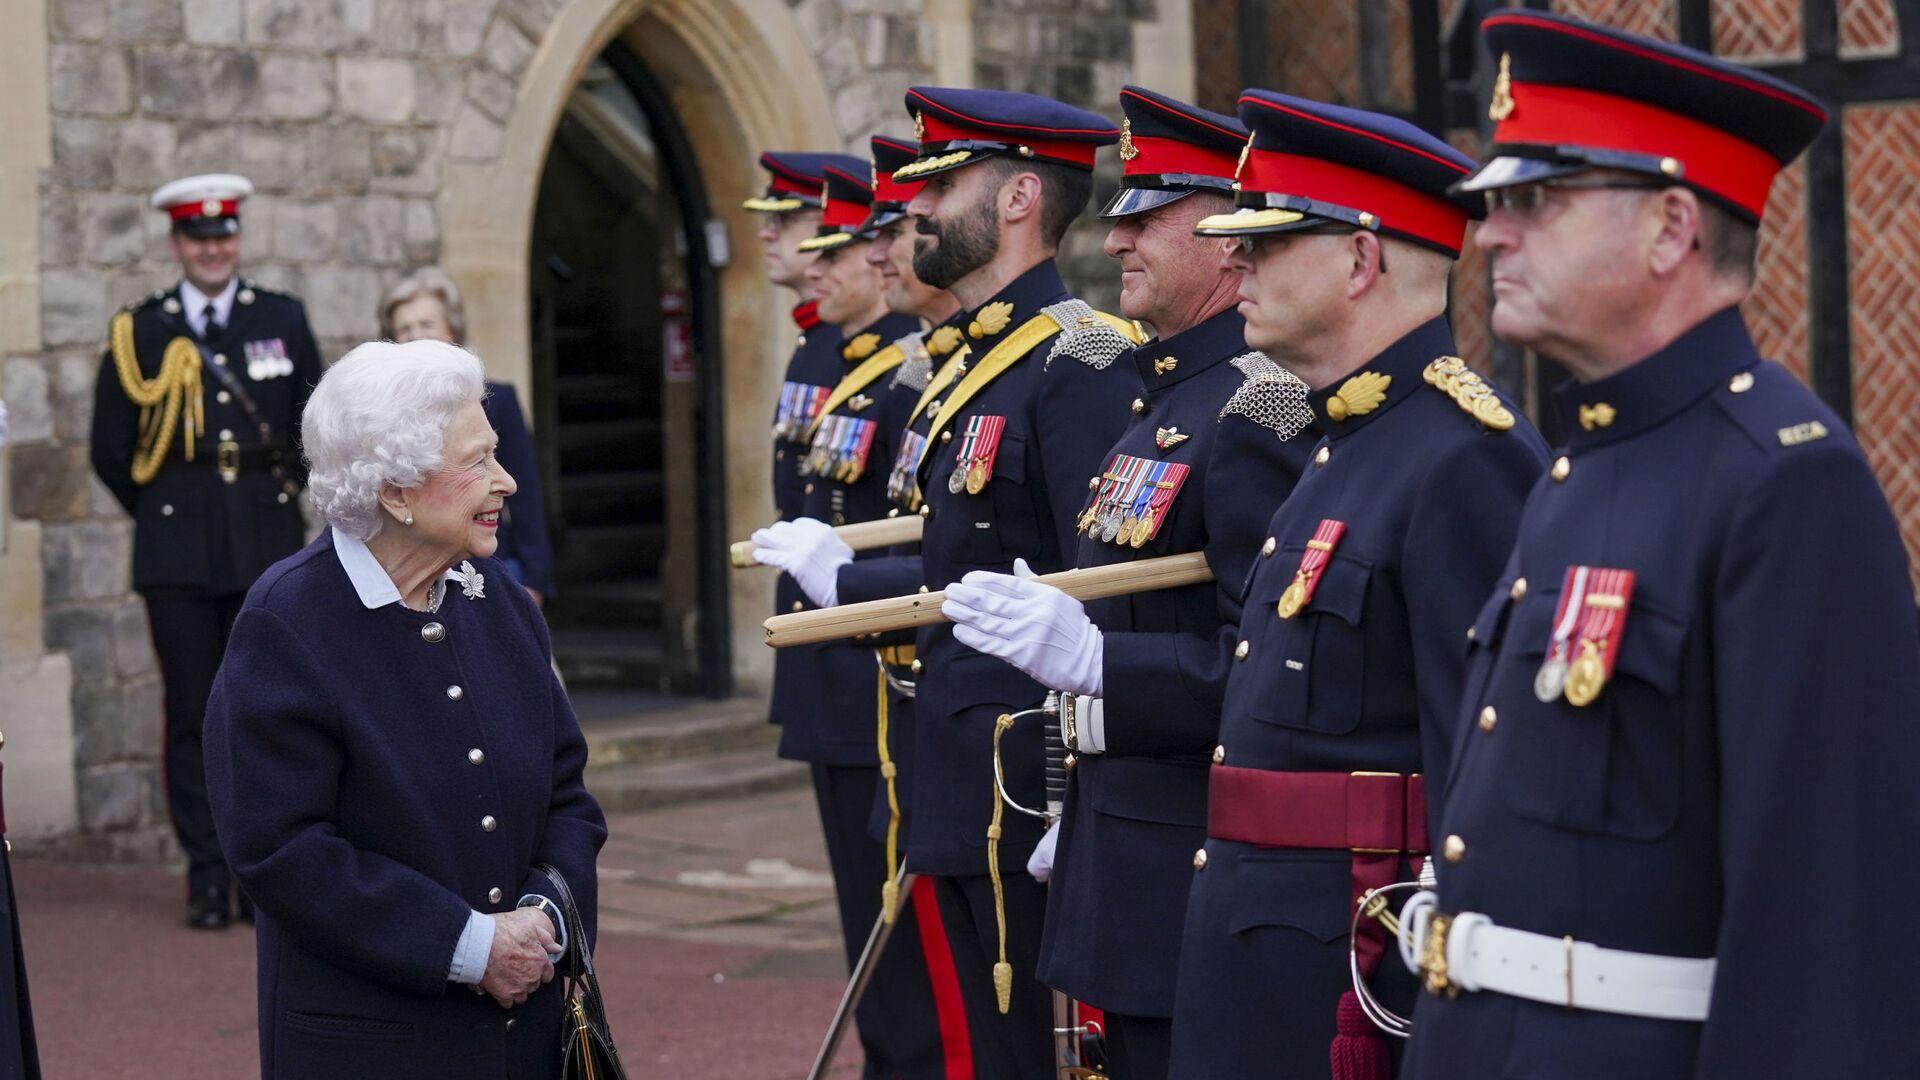 Britská královna Alžběta II. se setká se členy královského kanadského dělostřeleckého pluku na zámku Windsor - Sputnik Česká republika, 1920, 14.10.2021